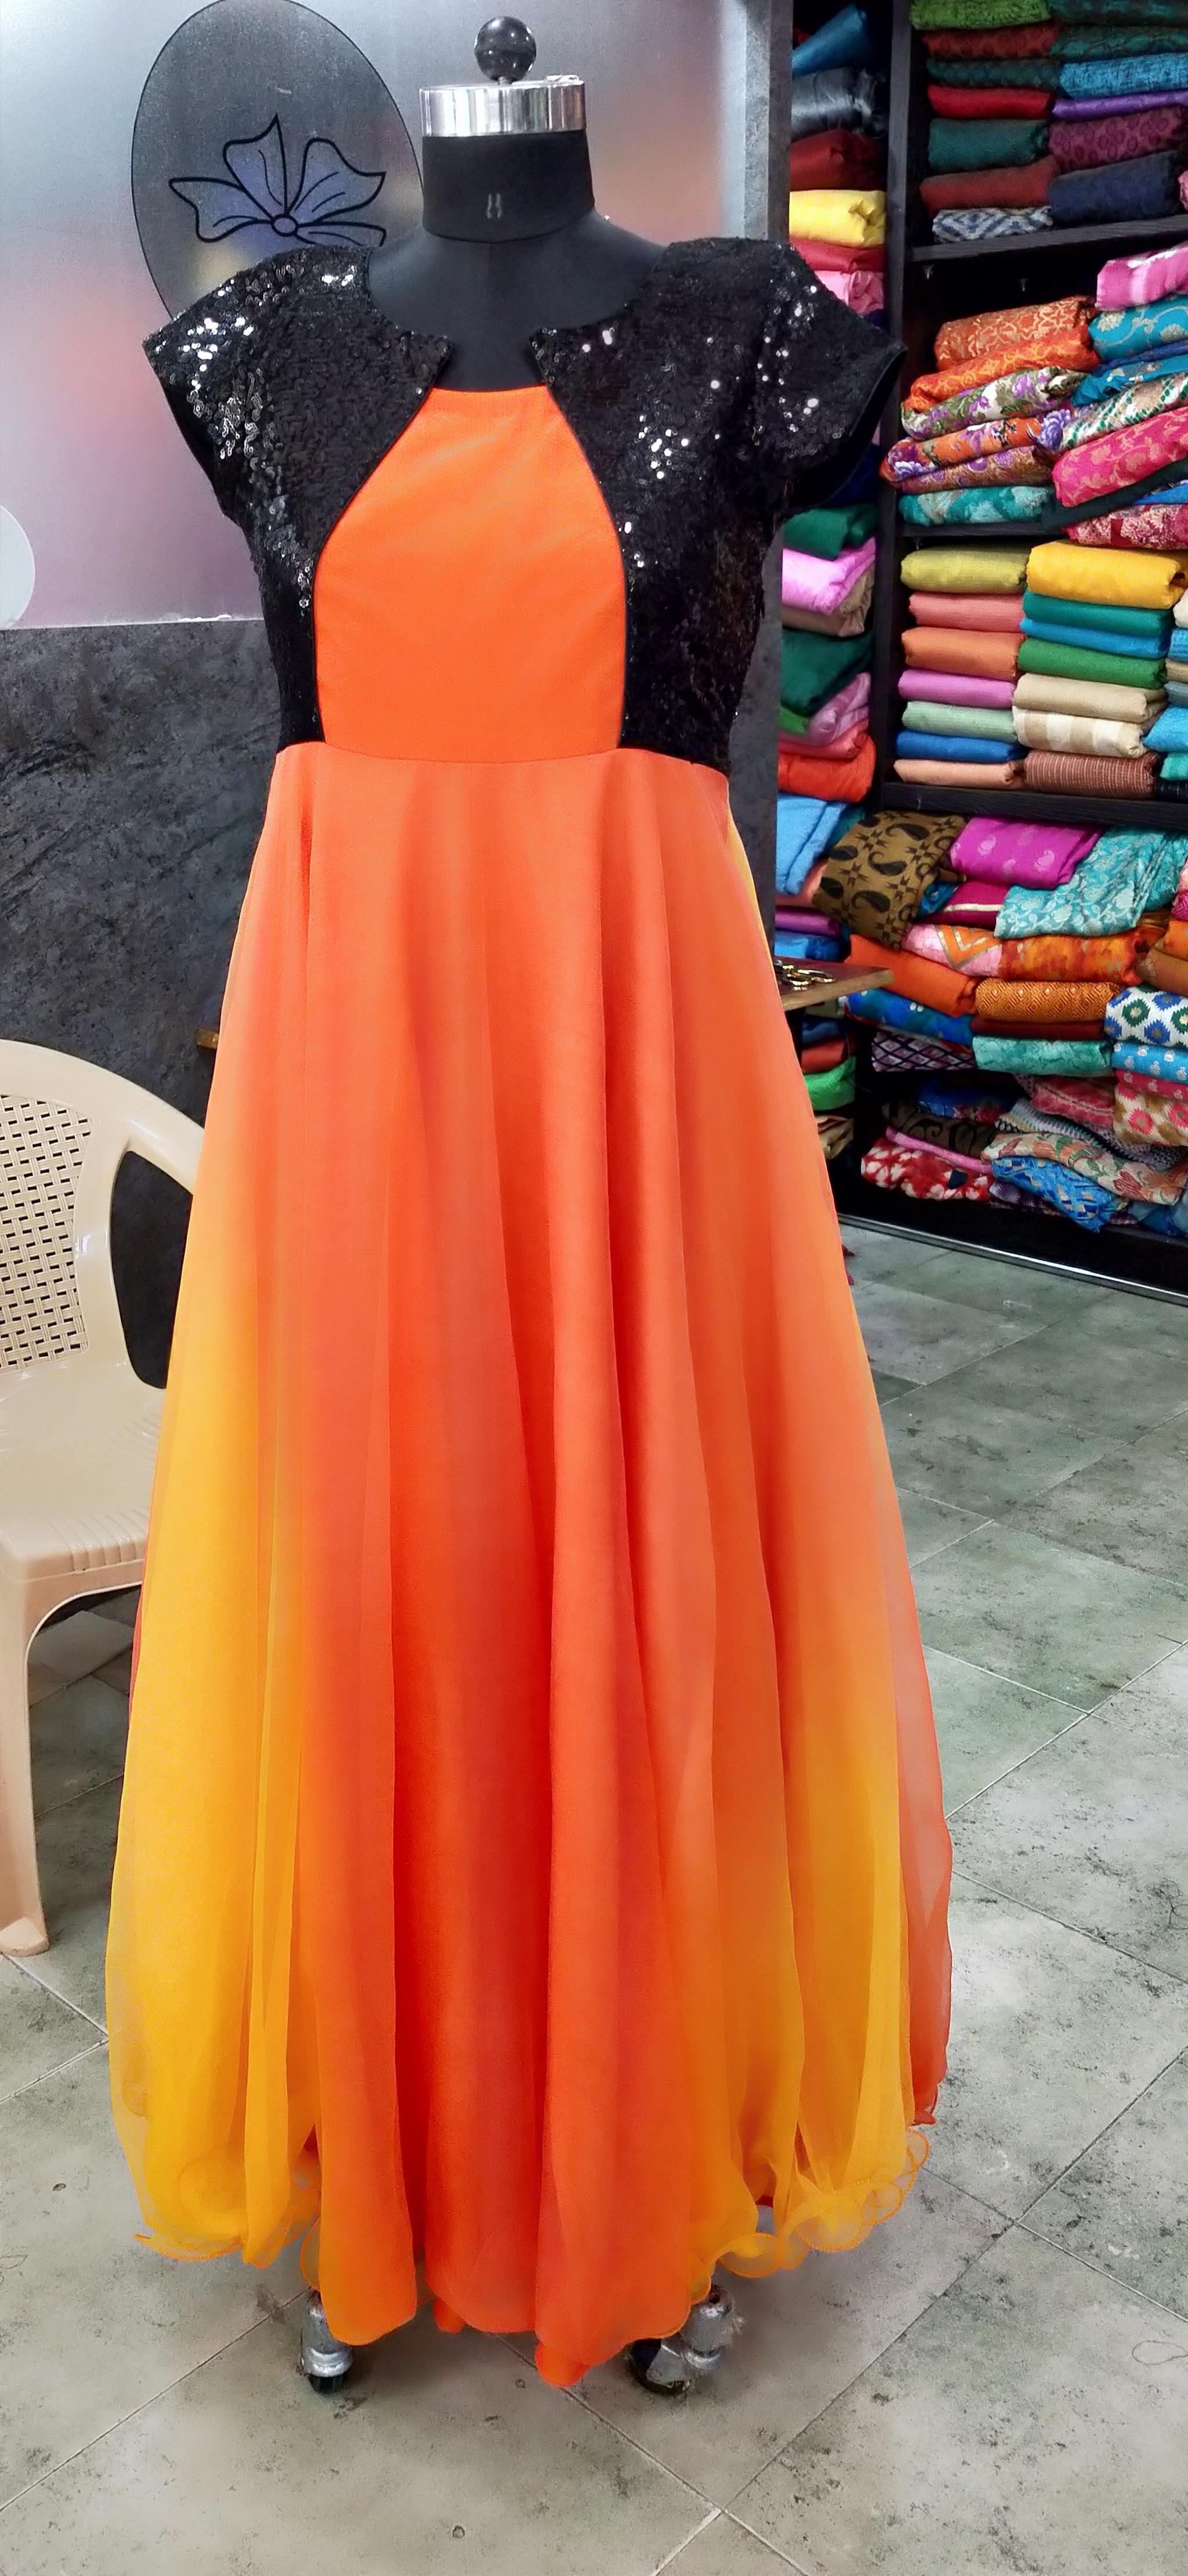 Top 50 Tailors For Ladies in Gachibowli - Best Ladies Tailors